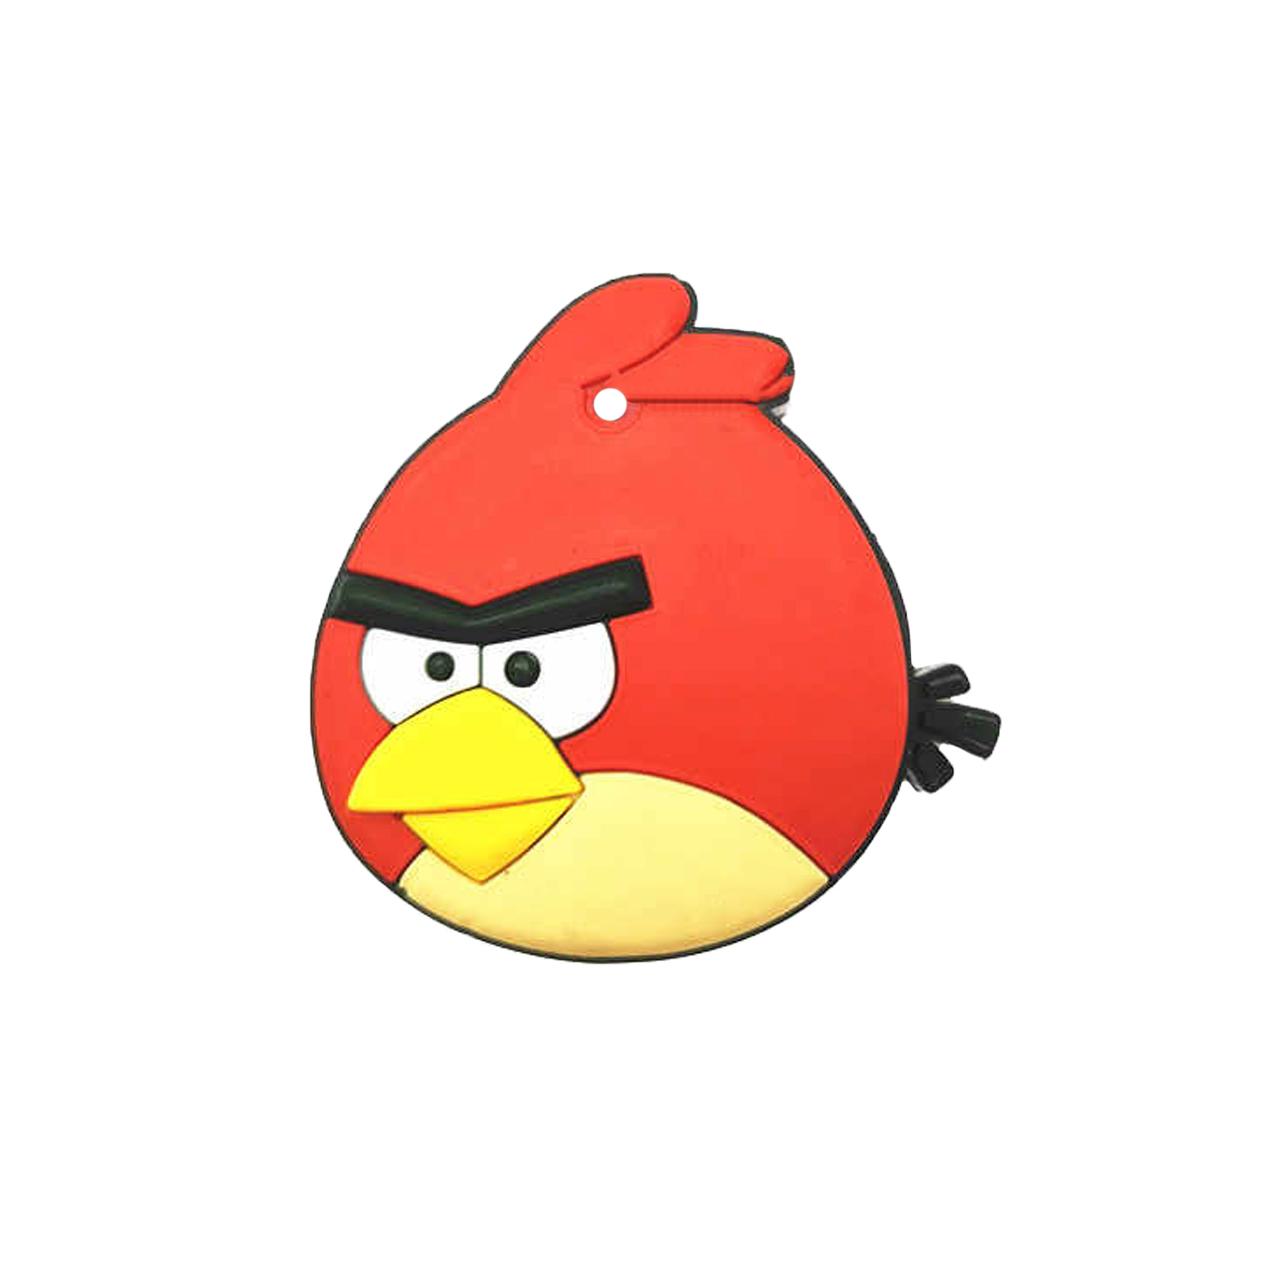 بررسی و {خرید با تخفیف} فلش مموری طرح AngryBird مدل DAA1148 ظرفیت 64 گیگابایت اصل